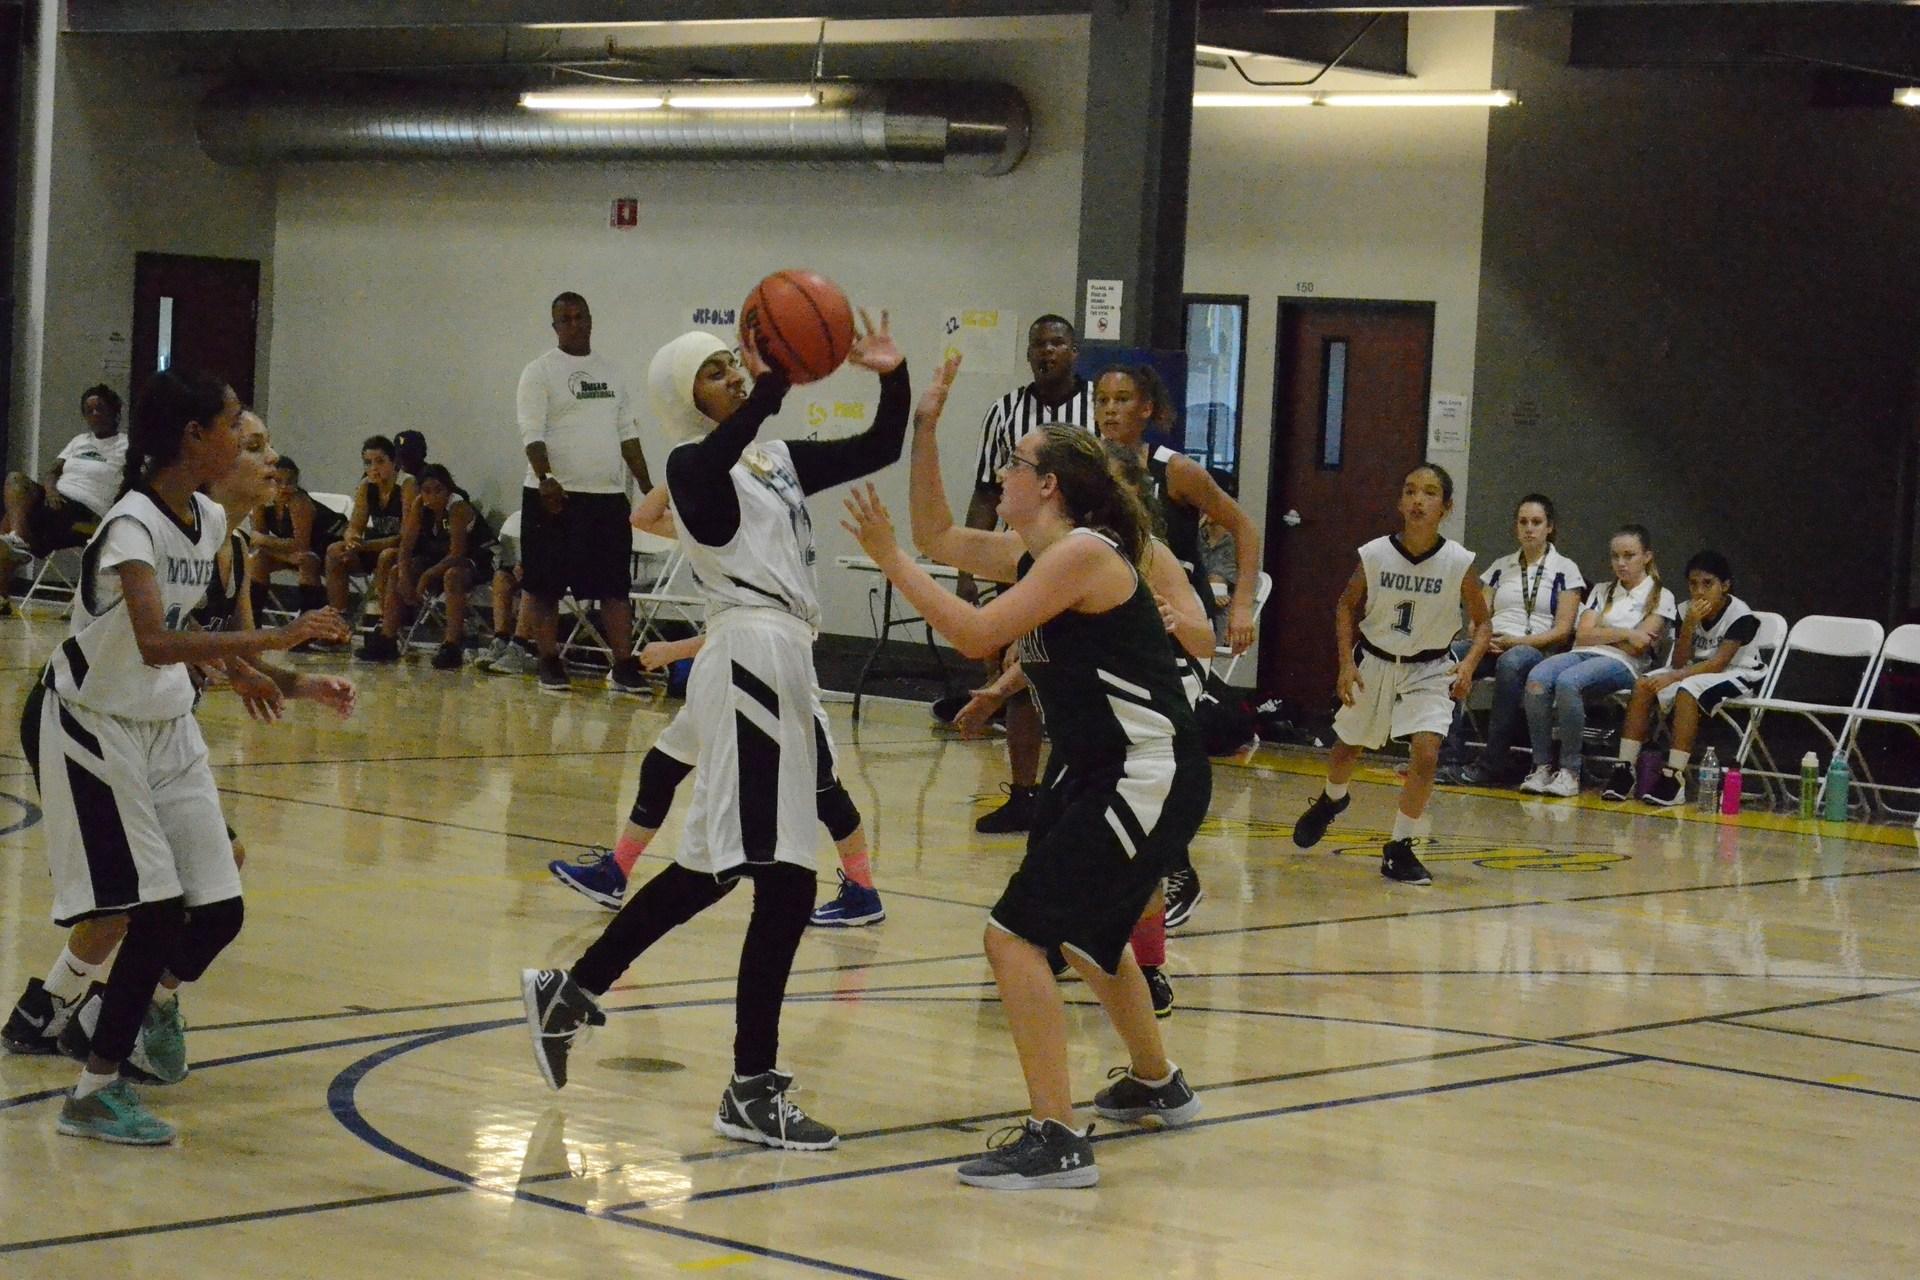 player shooting basket